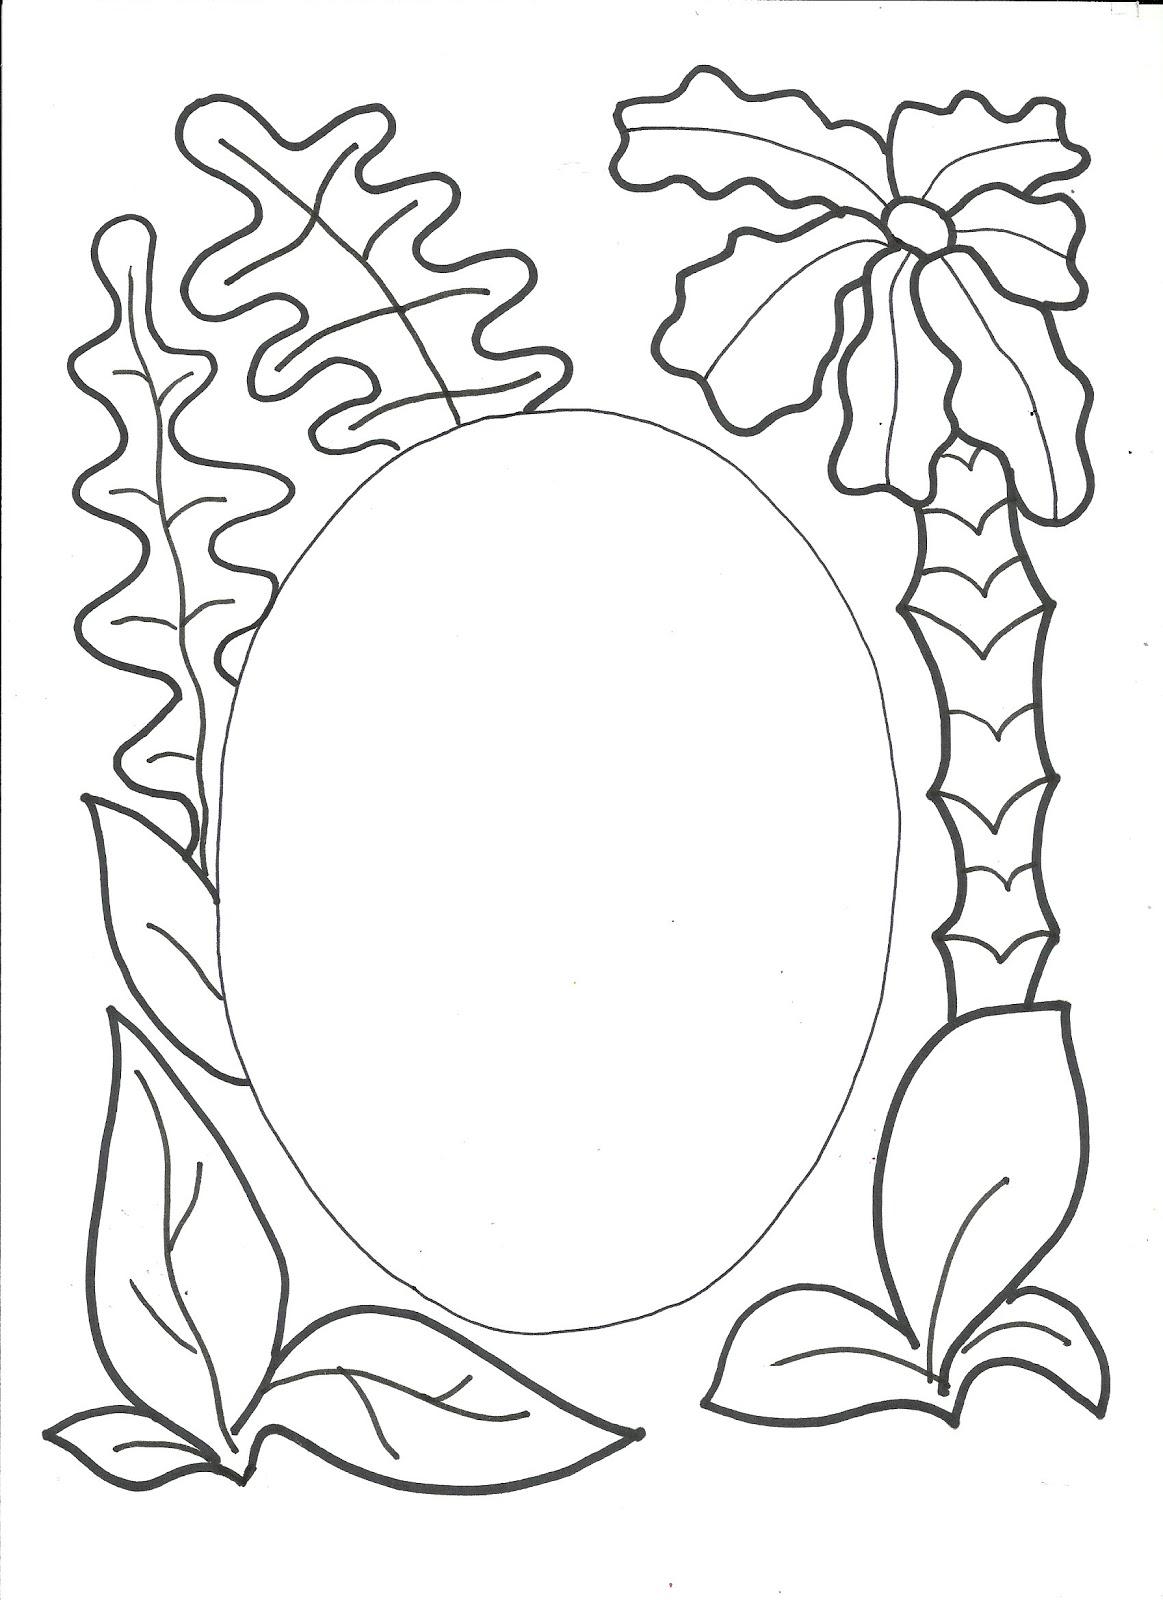 Caratulas pergaminos para colorear - Imagui